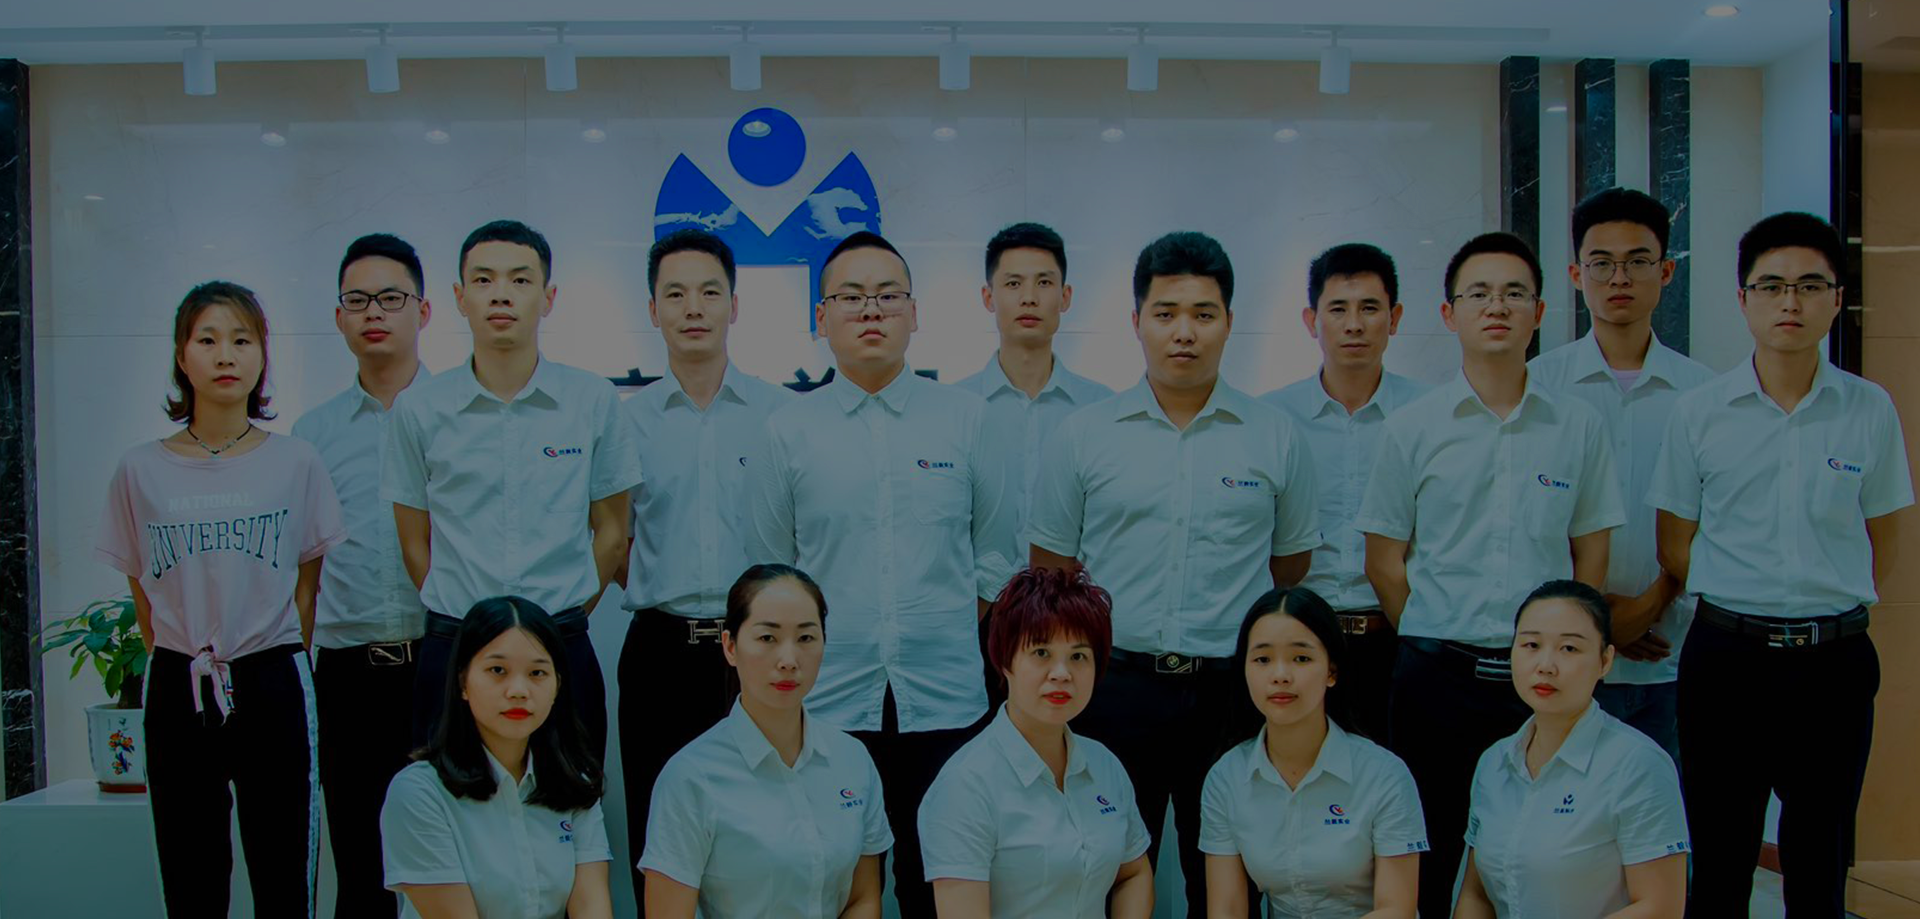 兰毅——惠州人力输送基地